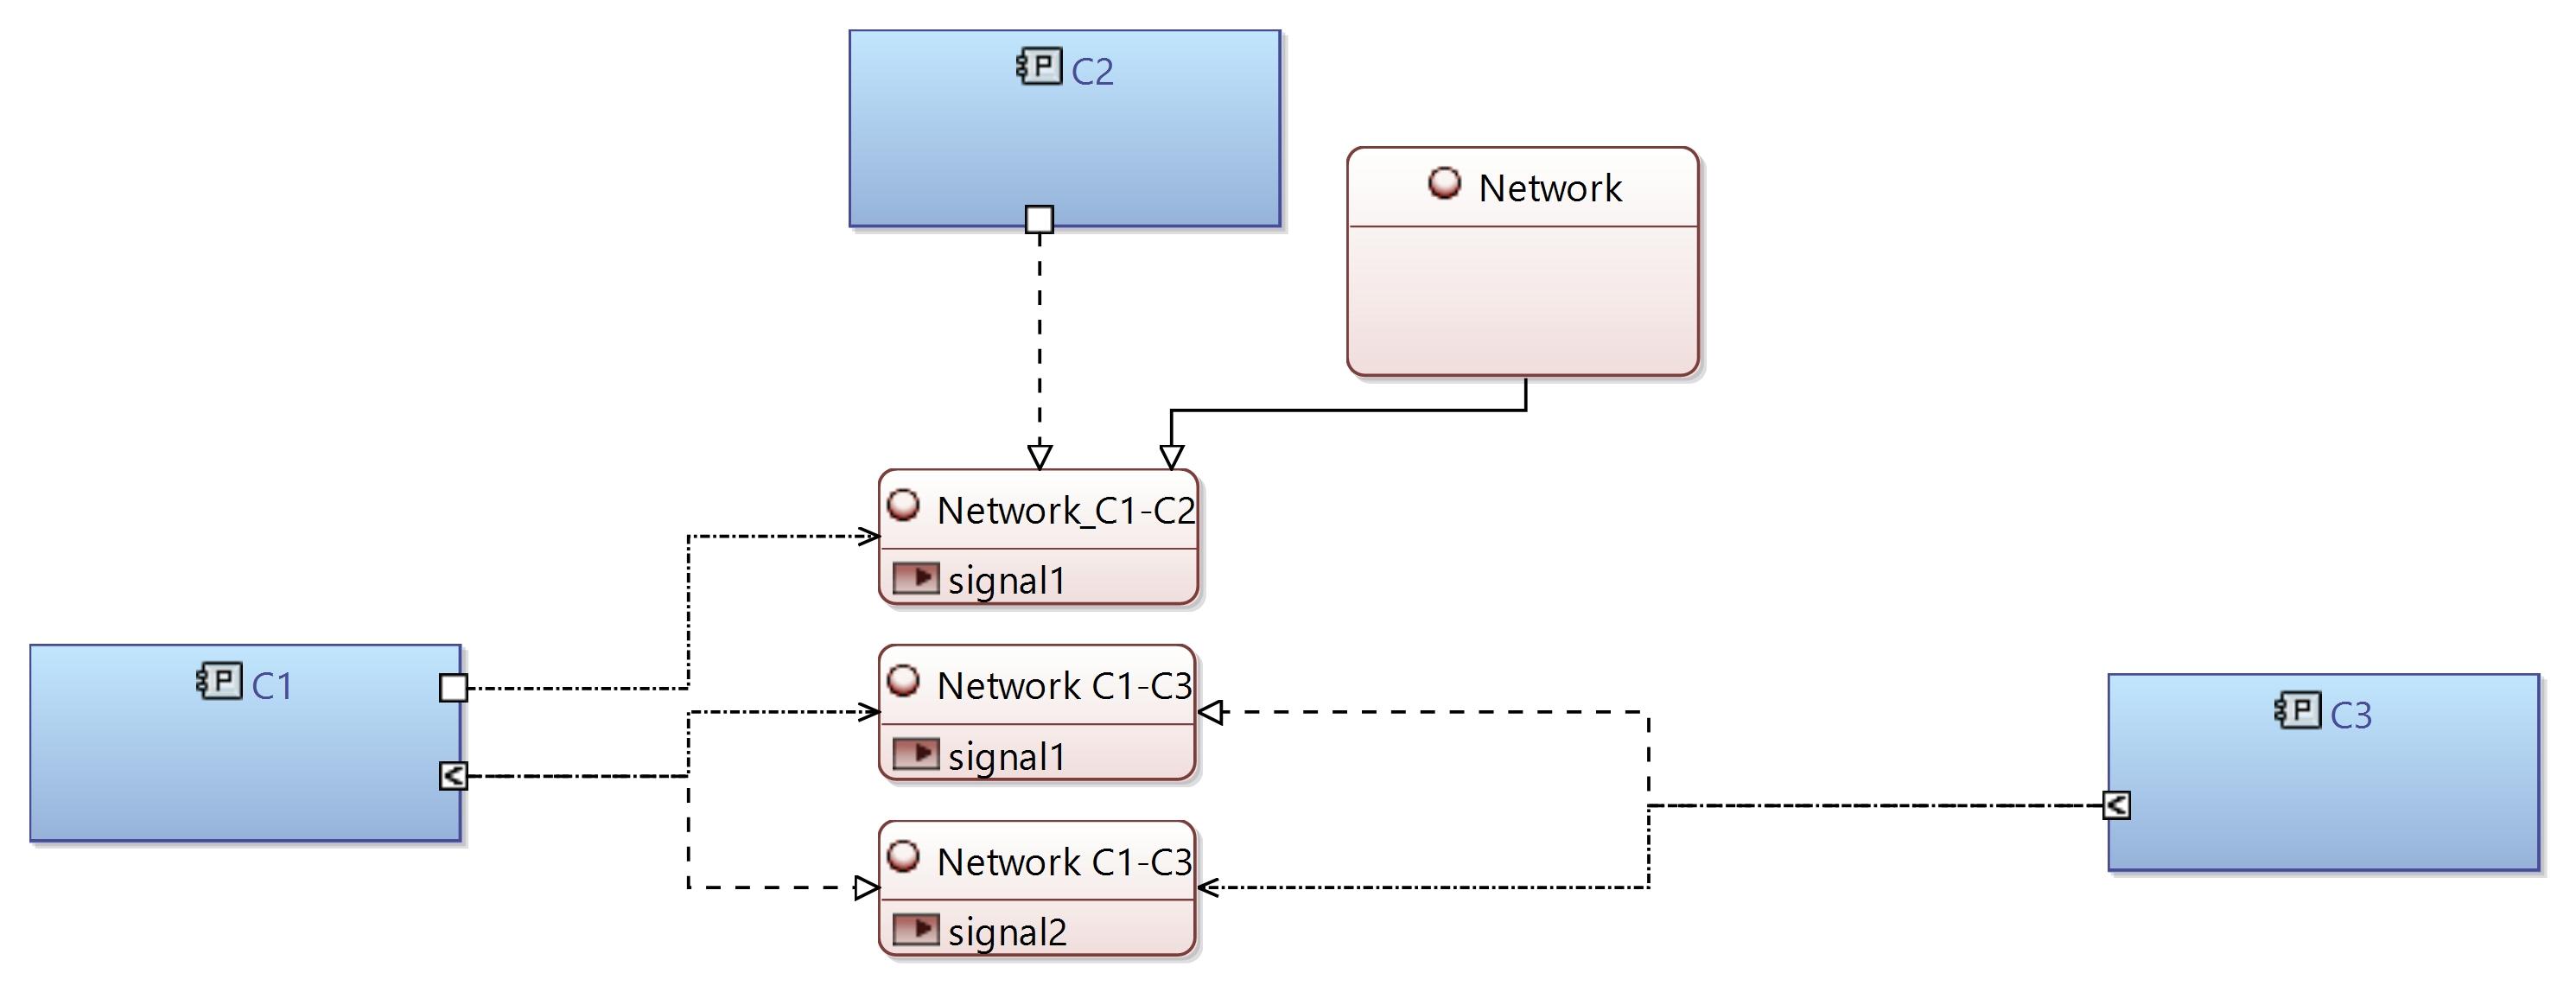 [IDB] network sol3.jpg